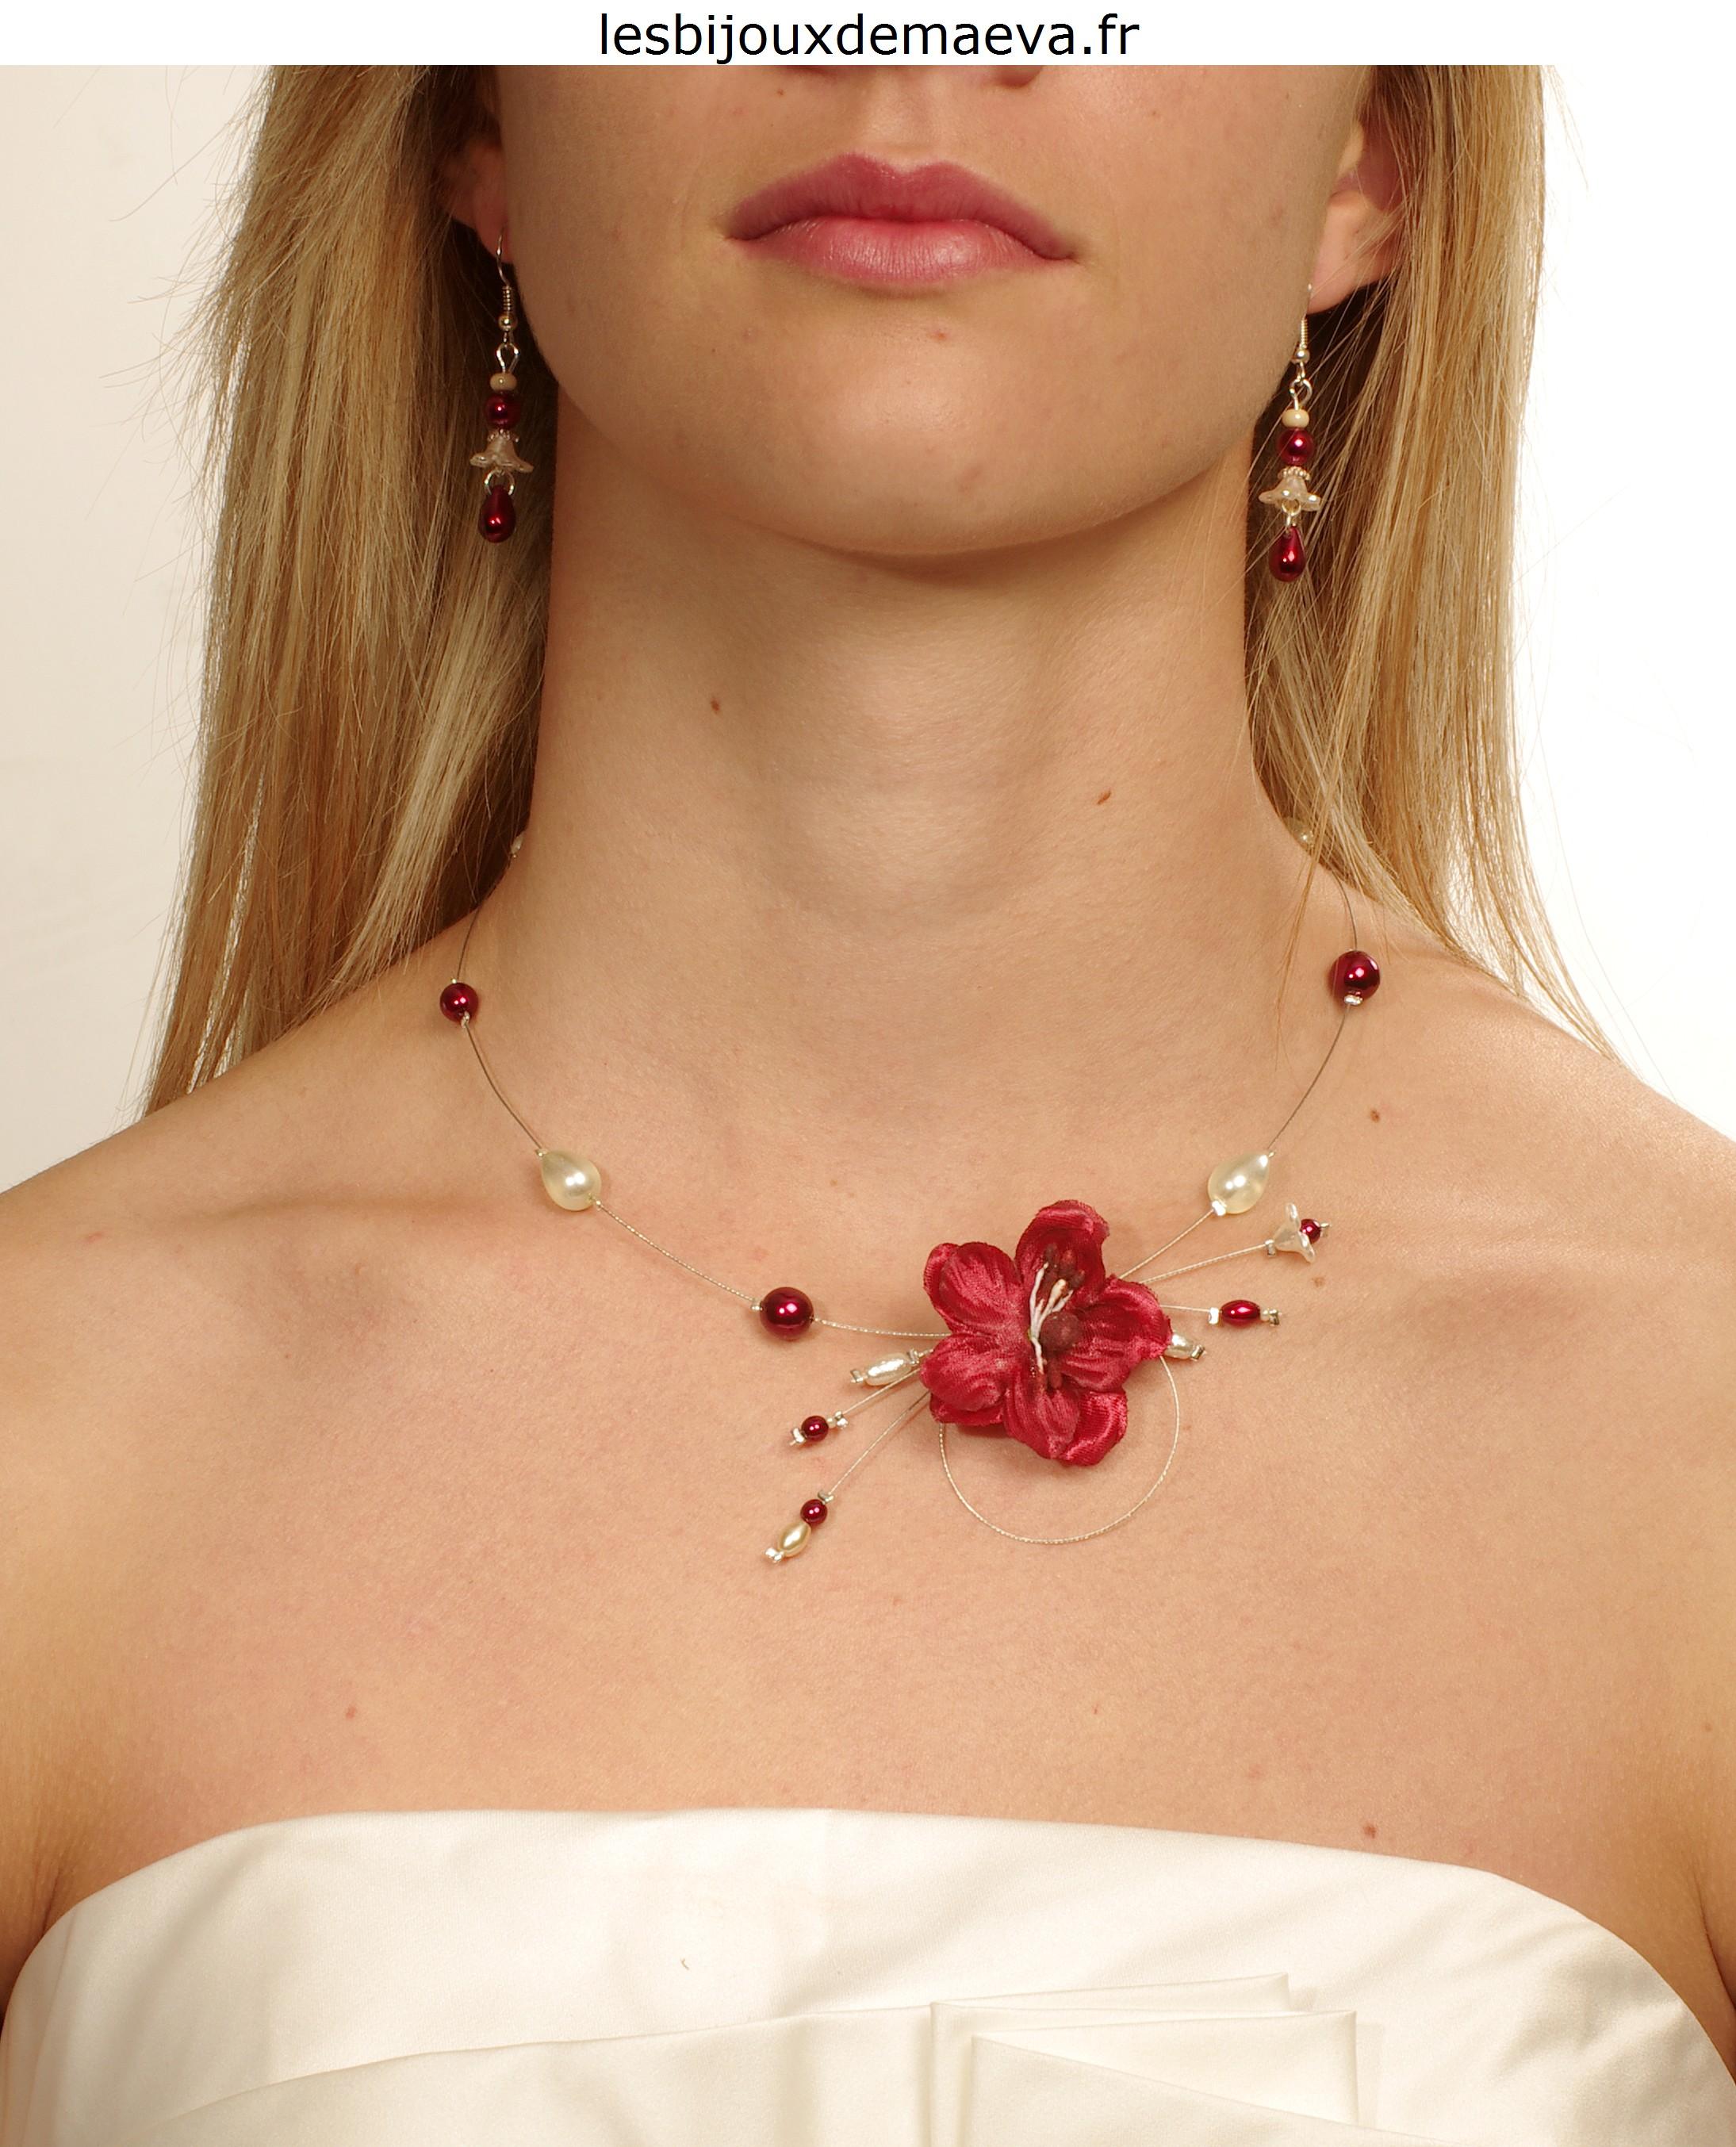 boutique bijoux fantaisie bordeaux